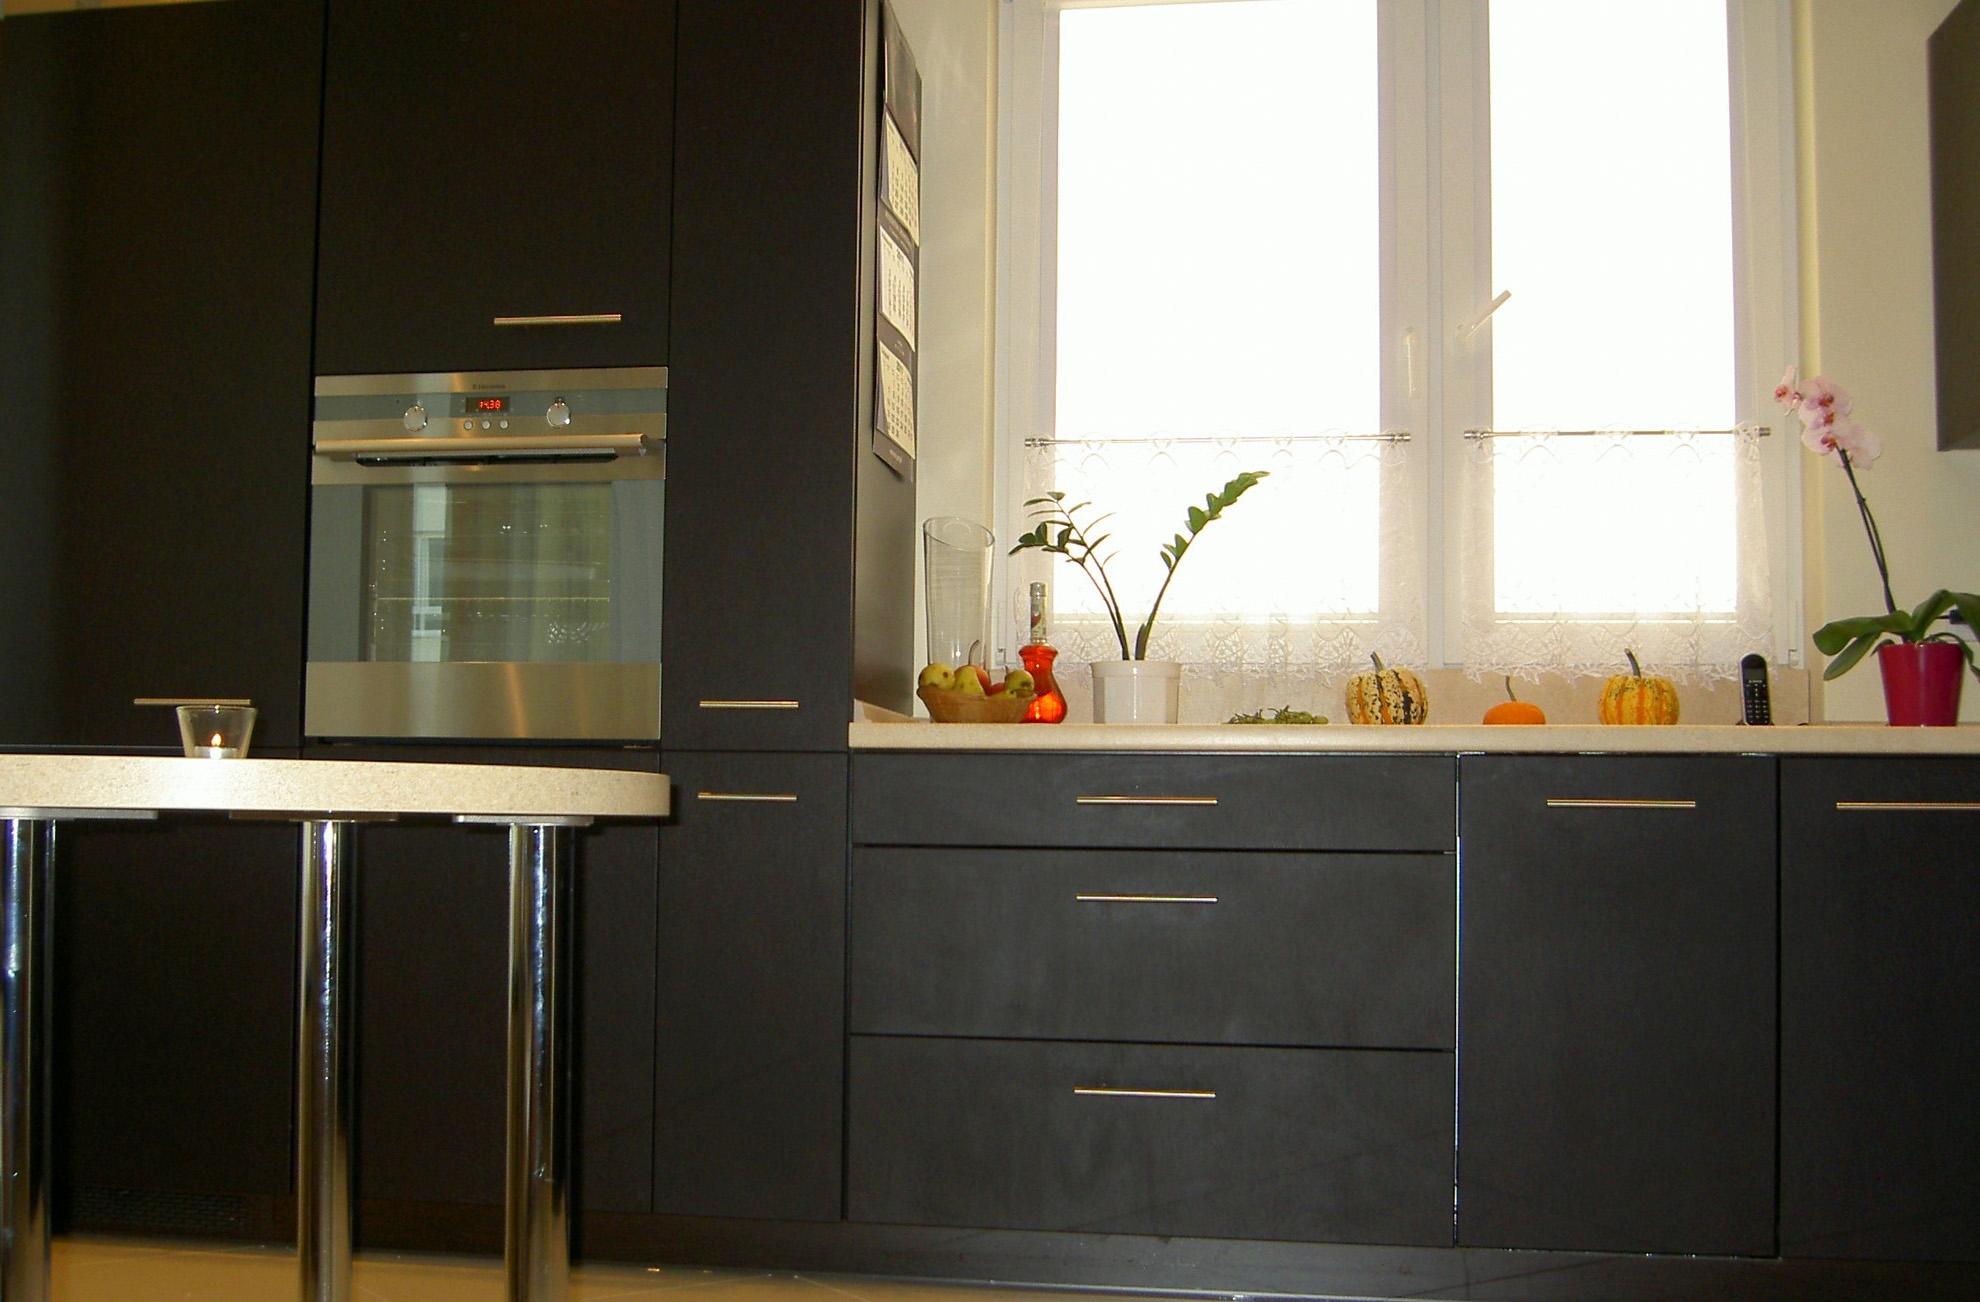 Meble kuchenne na wymiar, kuchnia czarna, meble kuchenne nowoczesne